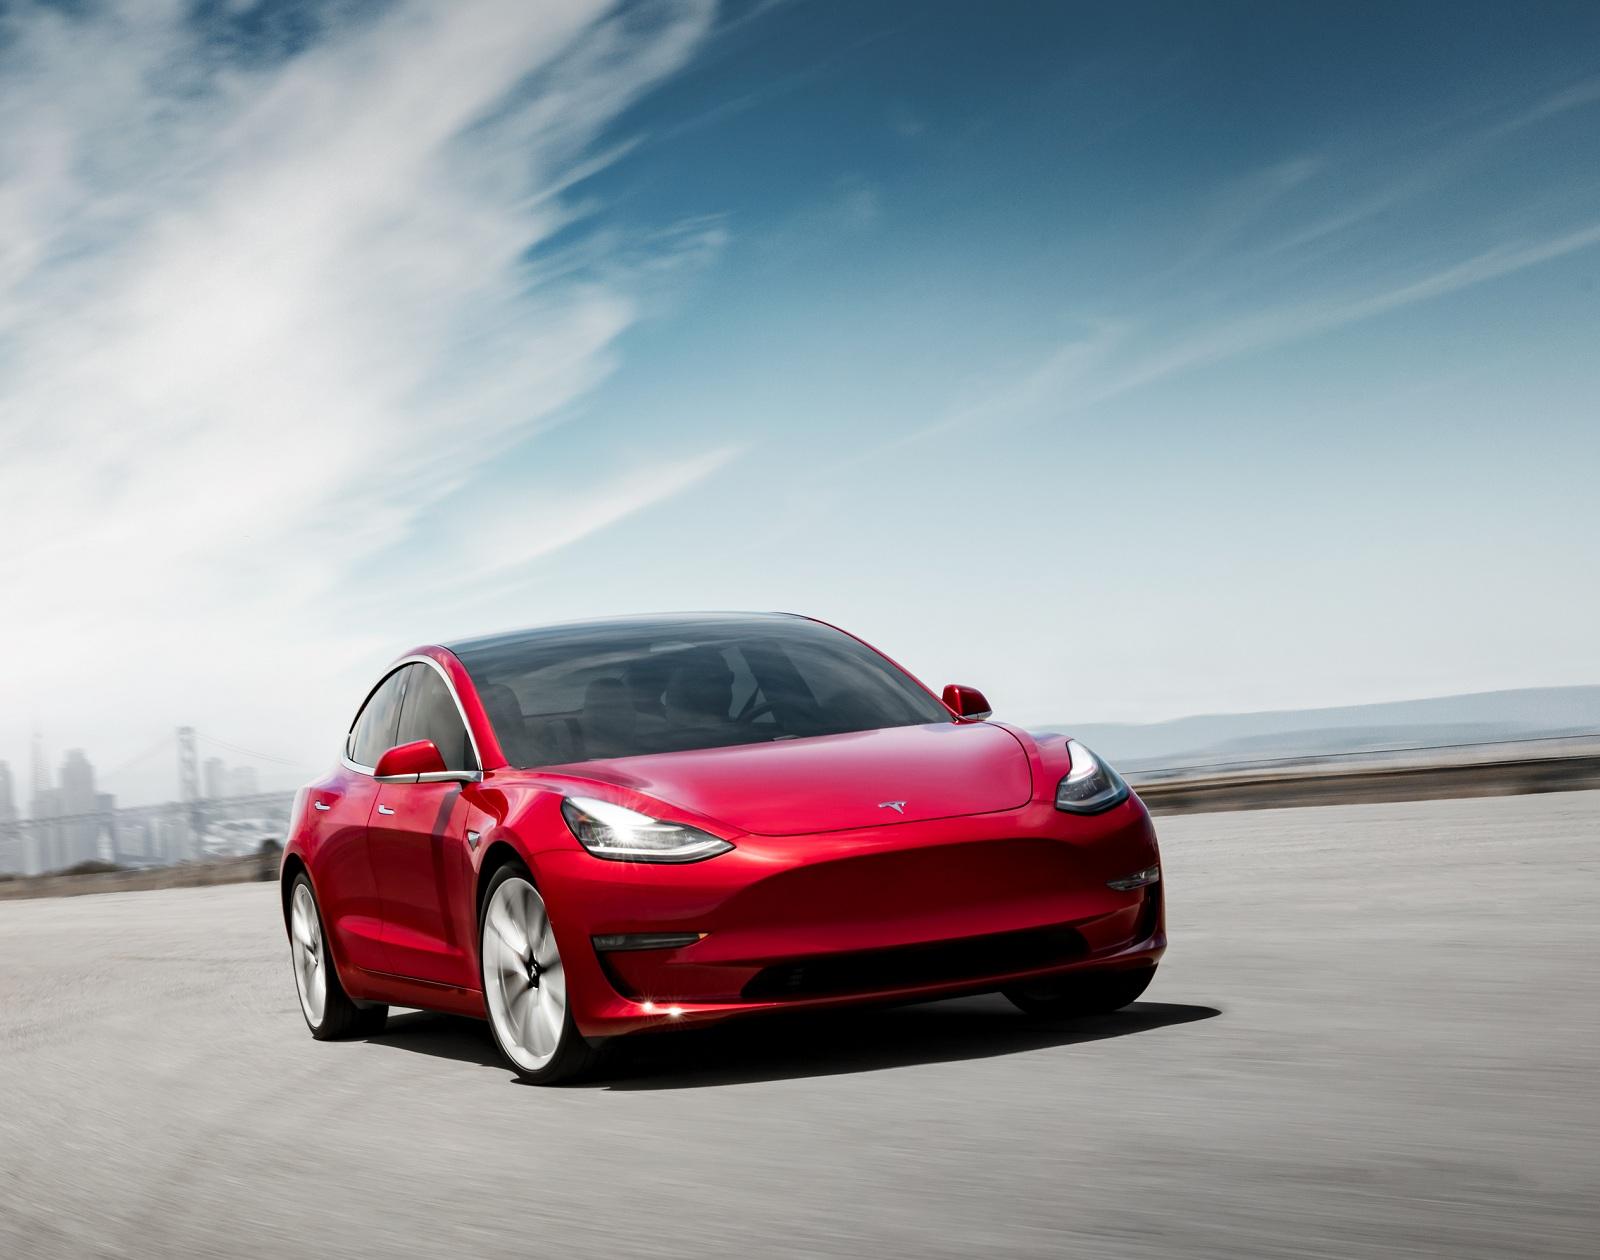 В Украине стартовали официальные продажи новейшего электрокара Tesla